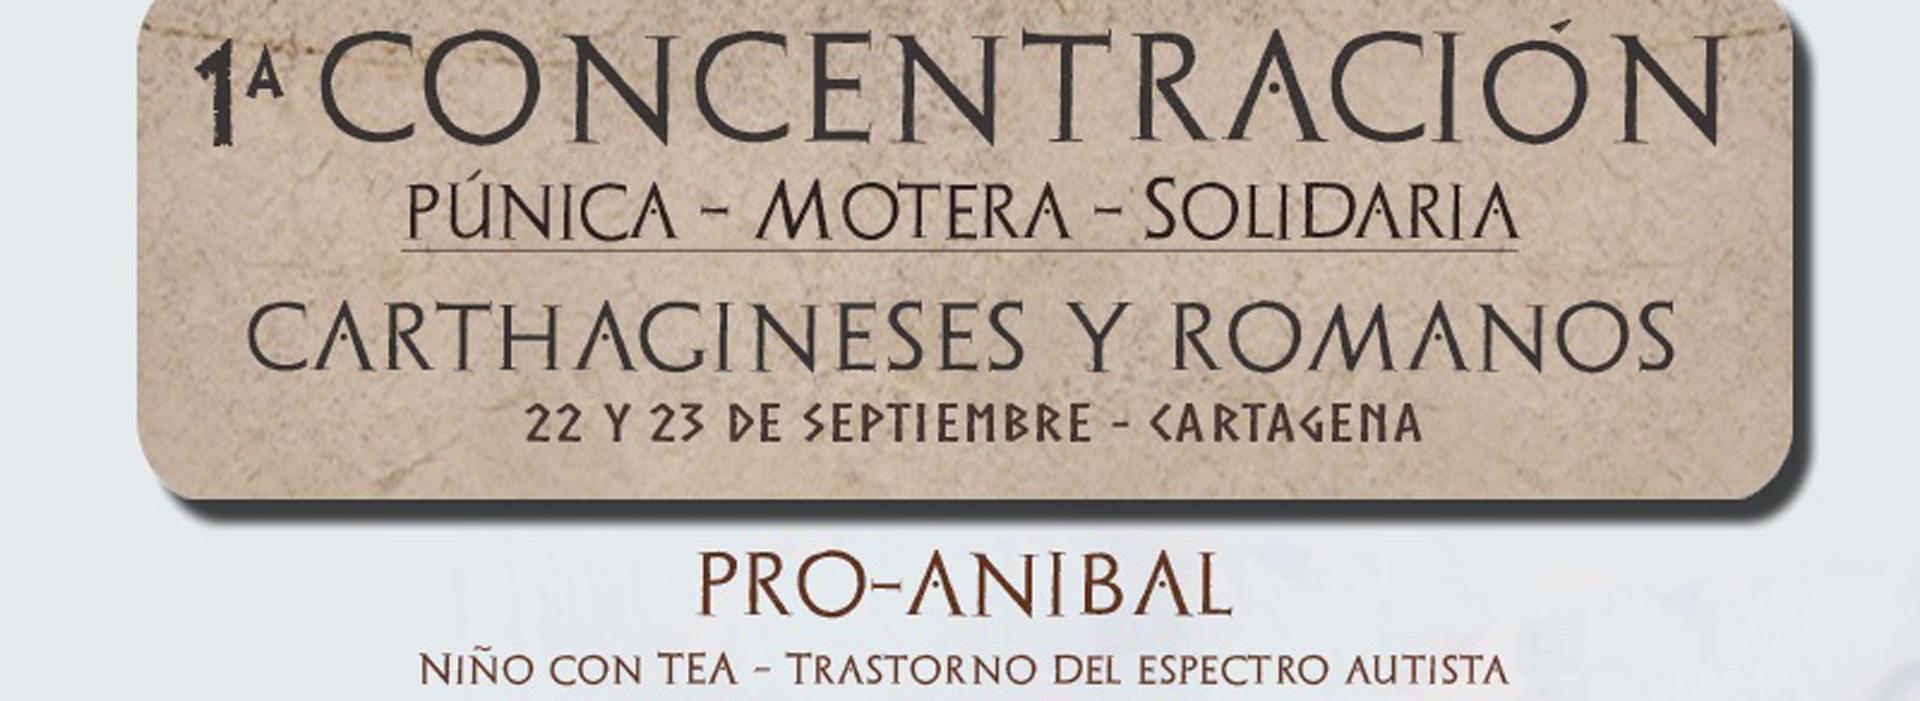 I Concentración Púnica - Motera - Solidaria Carthagineses y Romanos